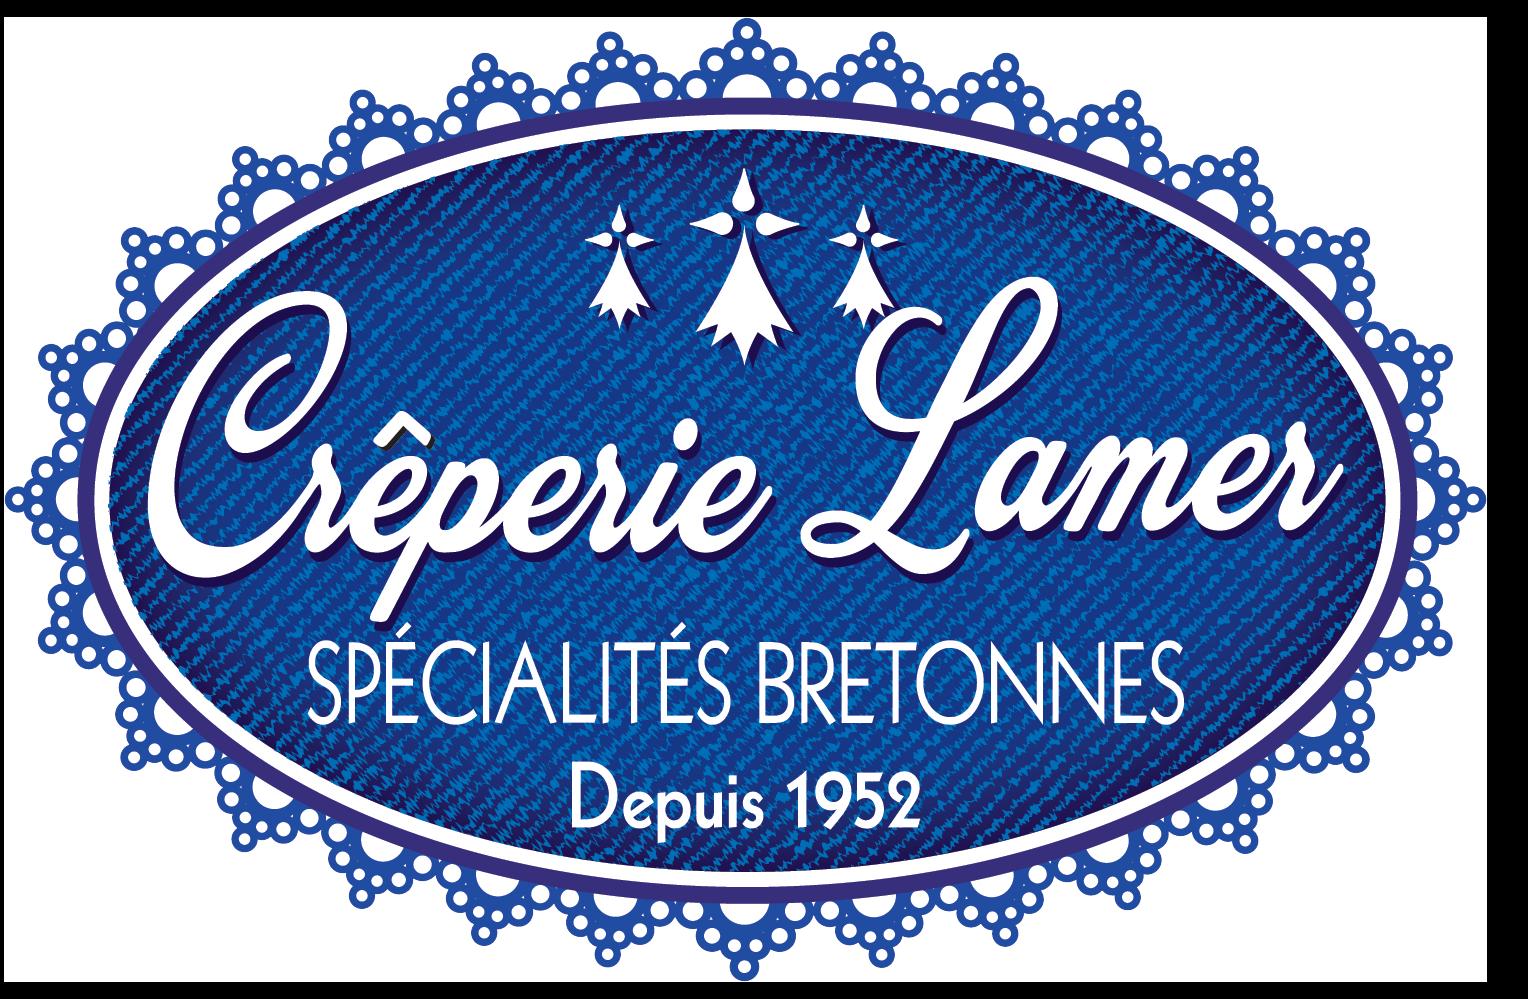 Crêperie Lamer